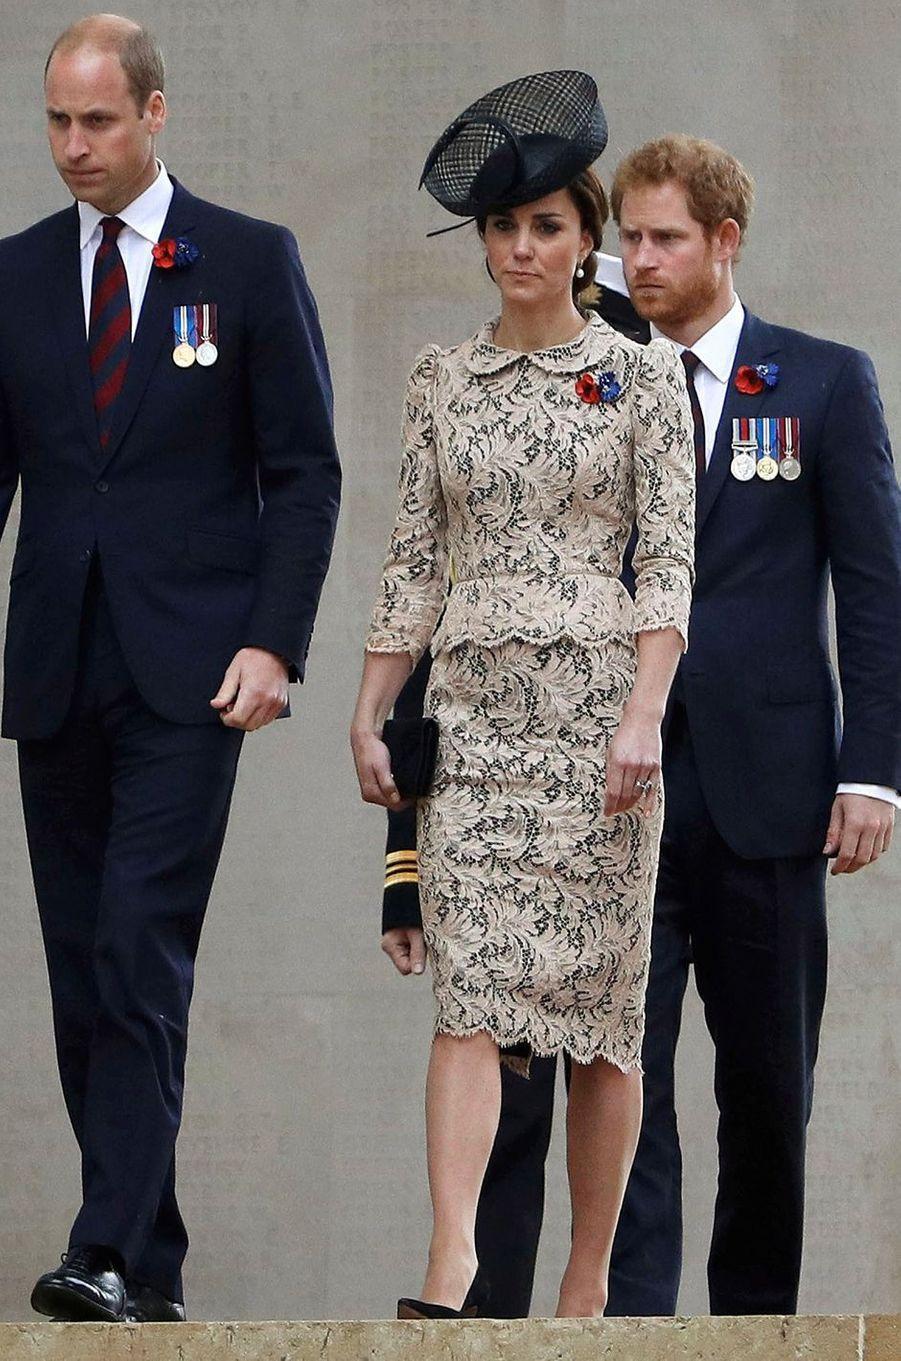 La duchesse de Cambridge, née Kate Middleton, en Jenny Packham à Thiepval en Picardie le 1er juillet 2016